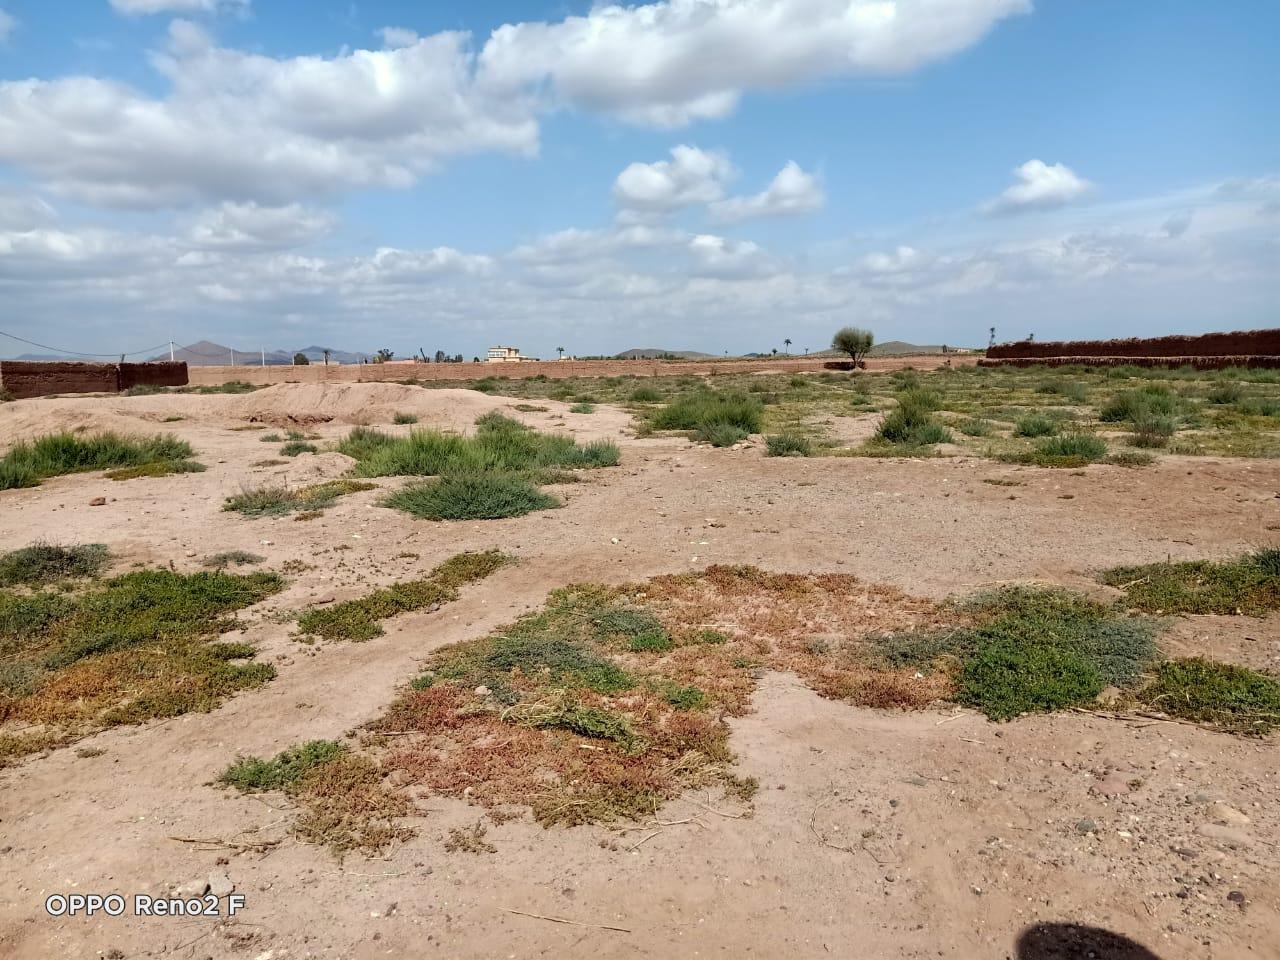 terrain de 15Ha agricole en location à la route de fes